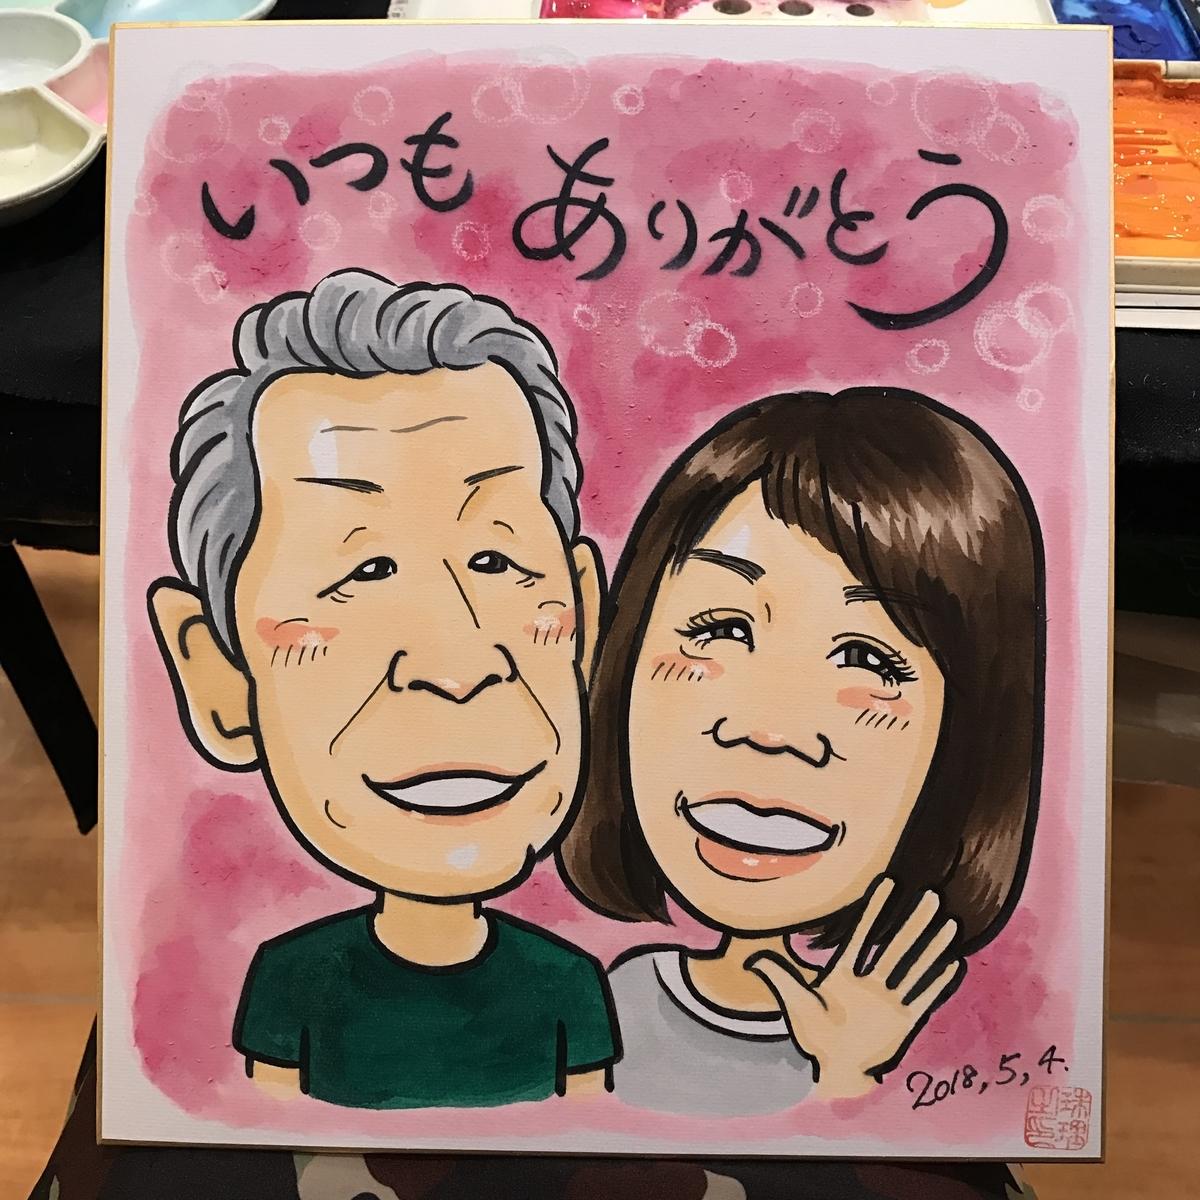 ご両親への贈り物の似顔絵